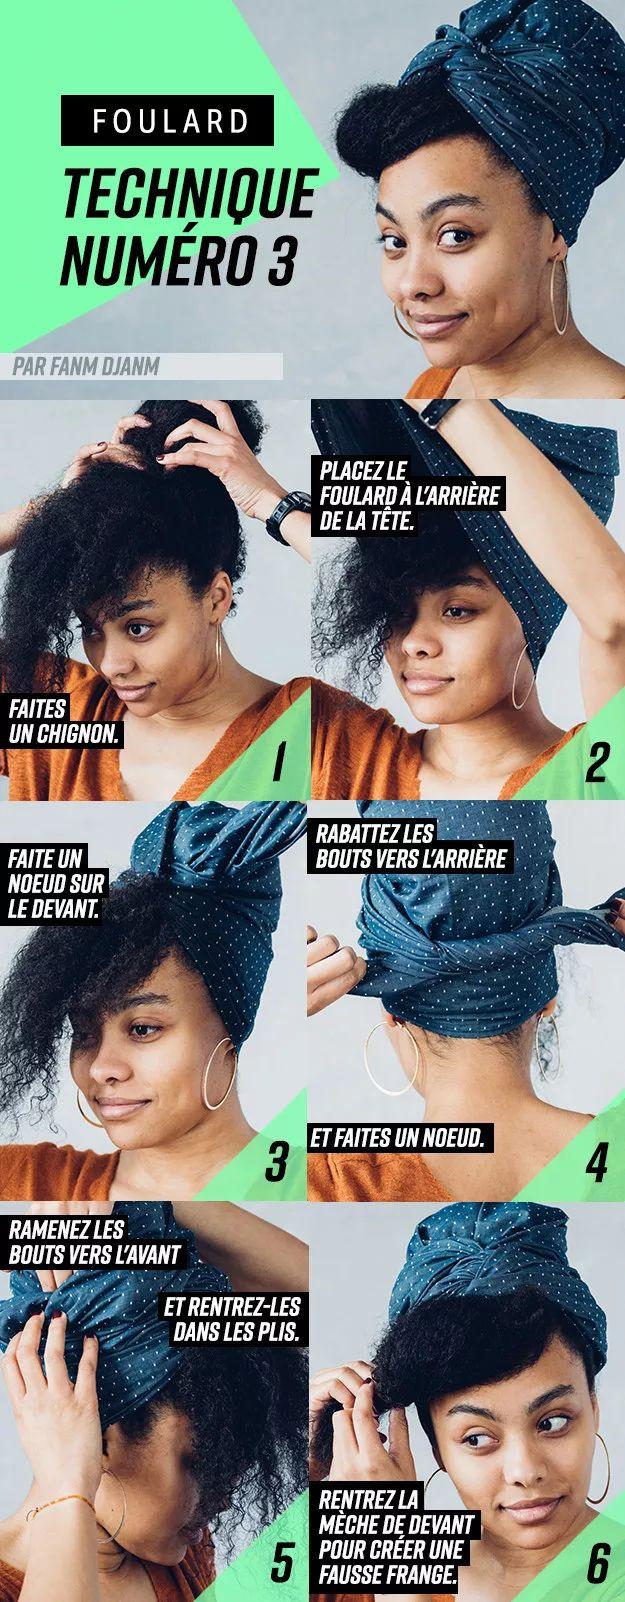 16 manières d'utiliser un foulard si vous avez les cheveux afro ou des tresses